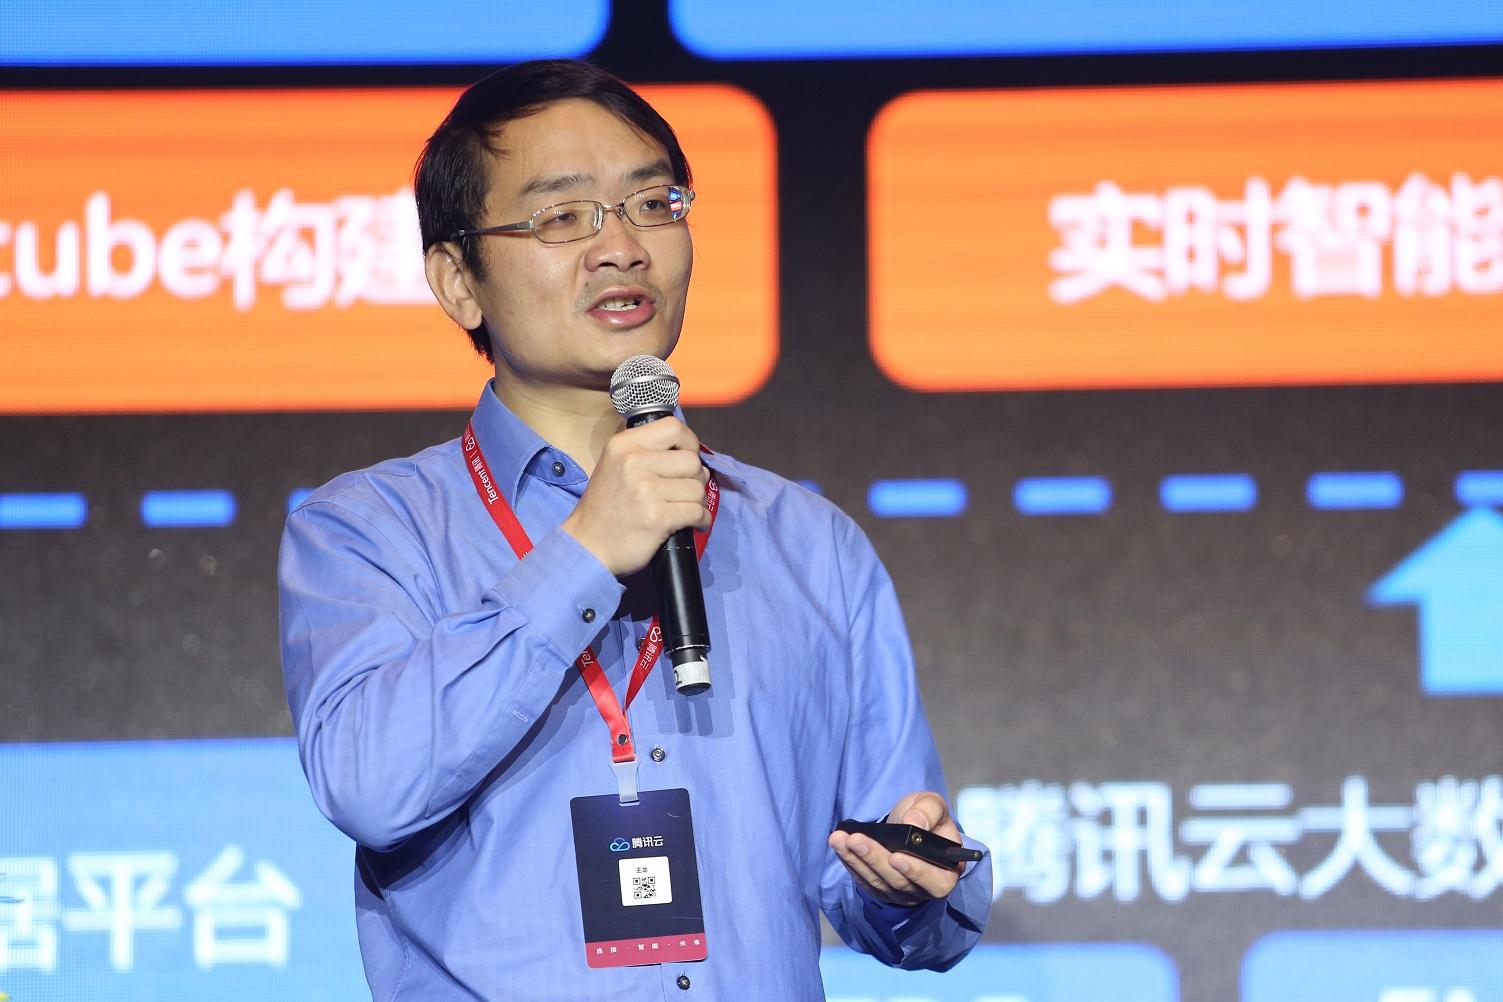 重磅发布:腾讯云大数据与AI新品「数智方略2.0」